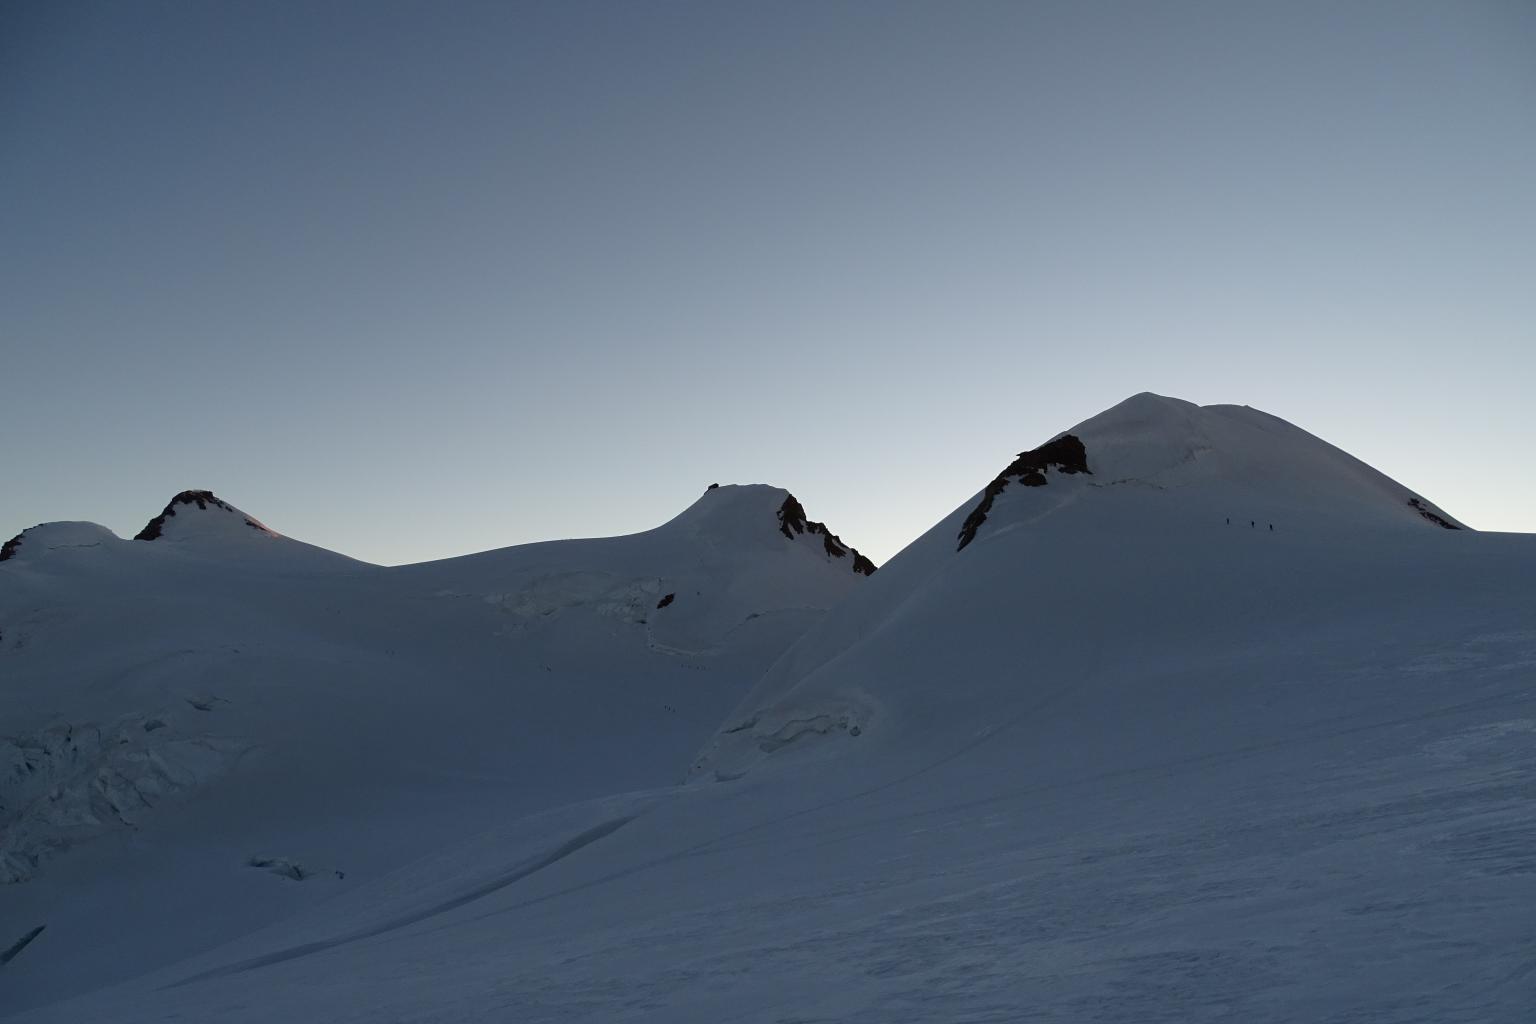 le tre cime in programma da destra a sinistra